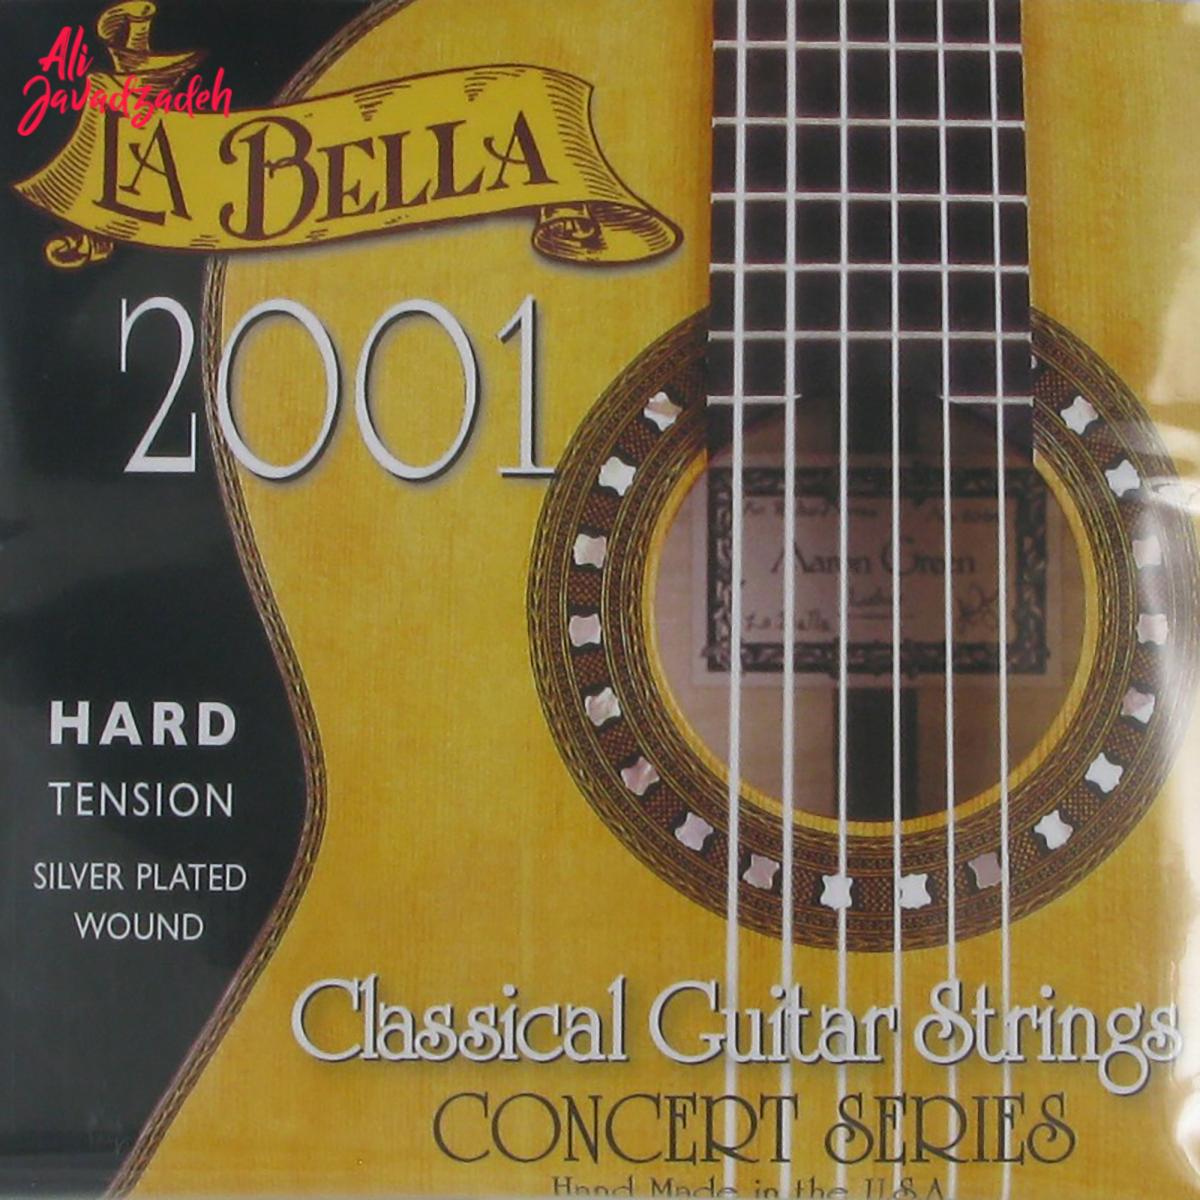 سیم گیتار کلاسیک لابلا مدل 2001H Hard